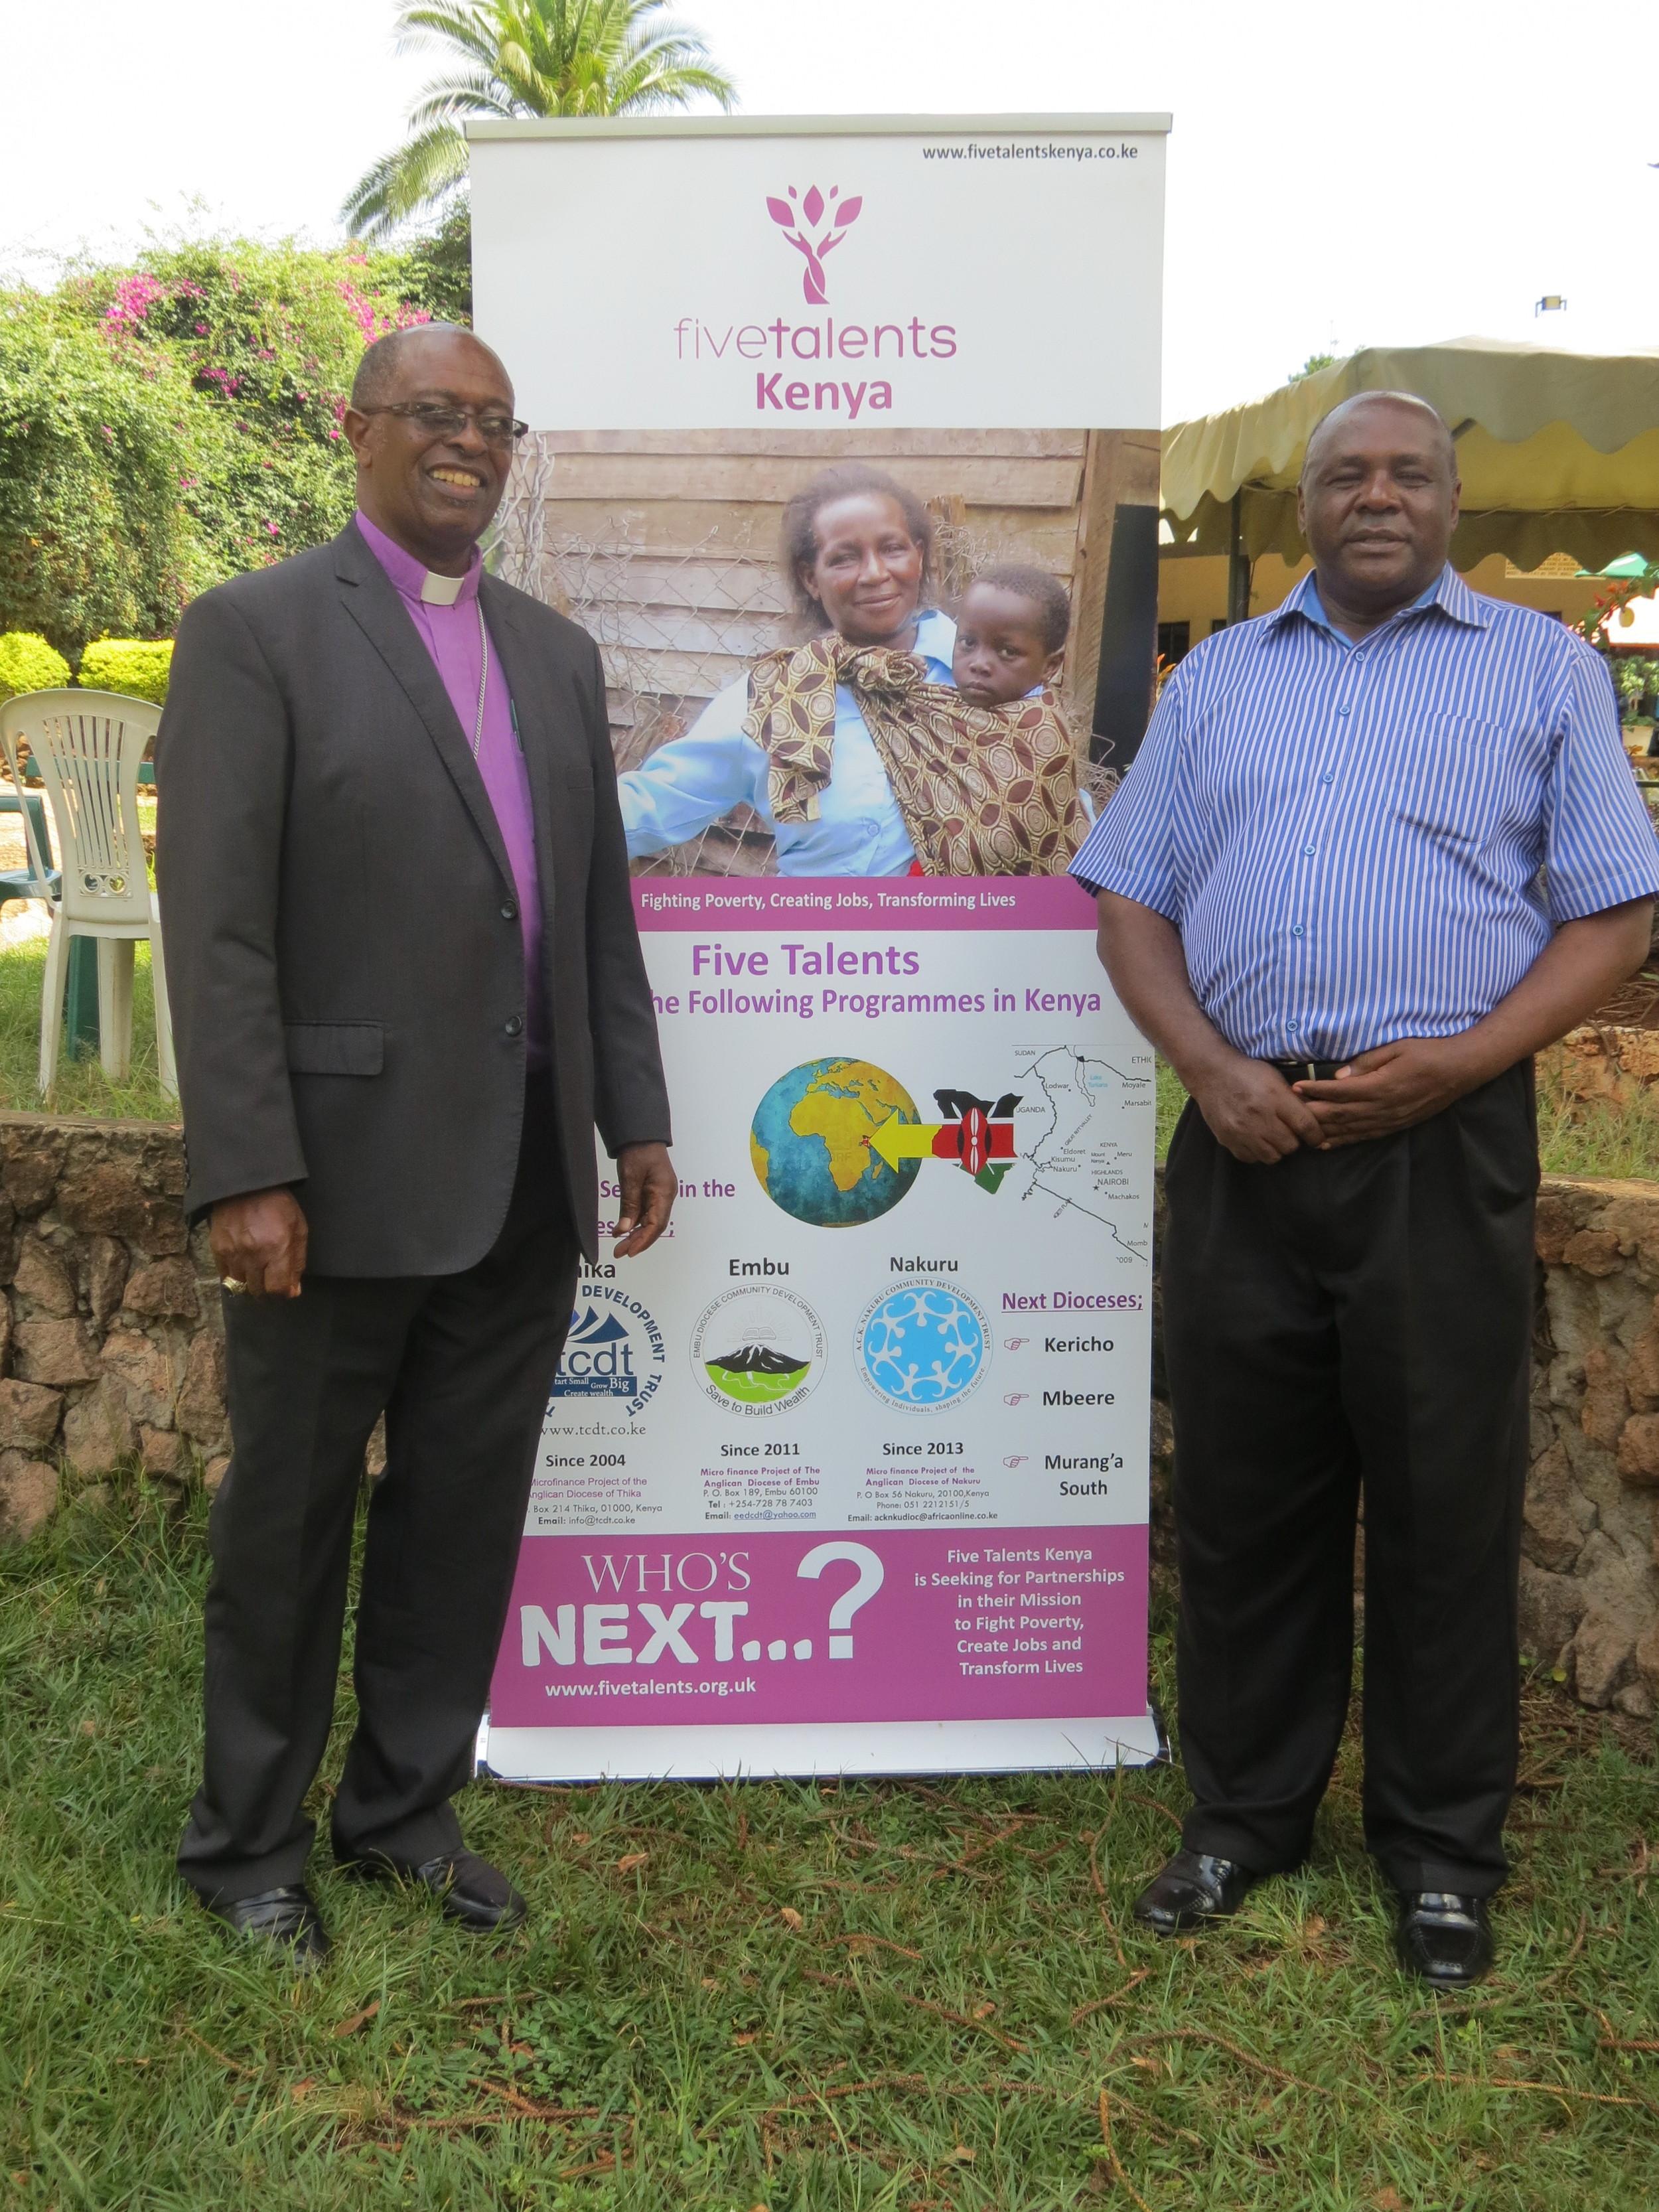 Bishop Gideon & Peterson Karanja